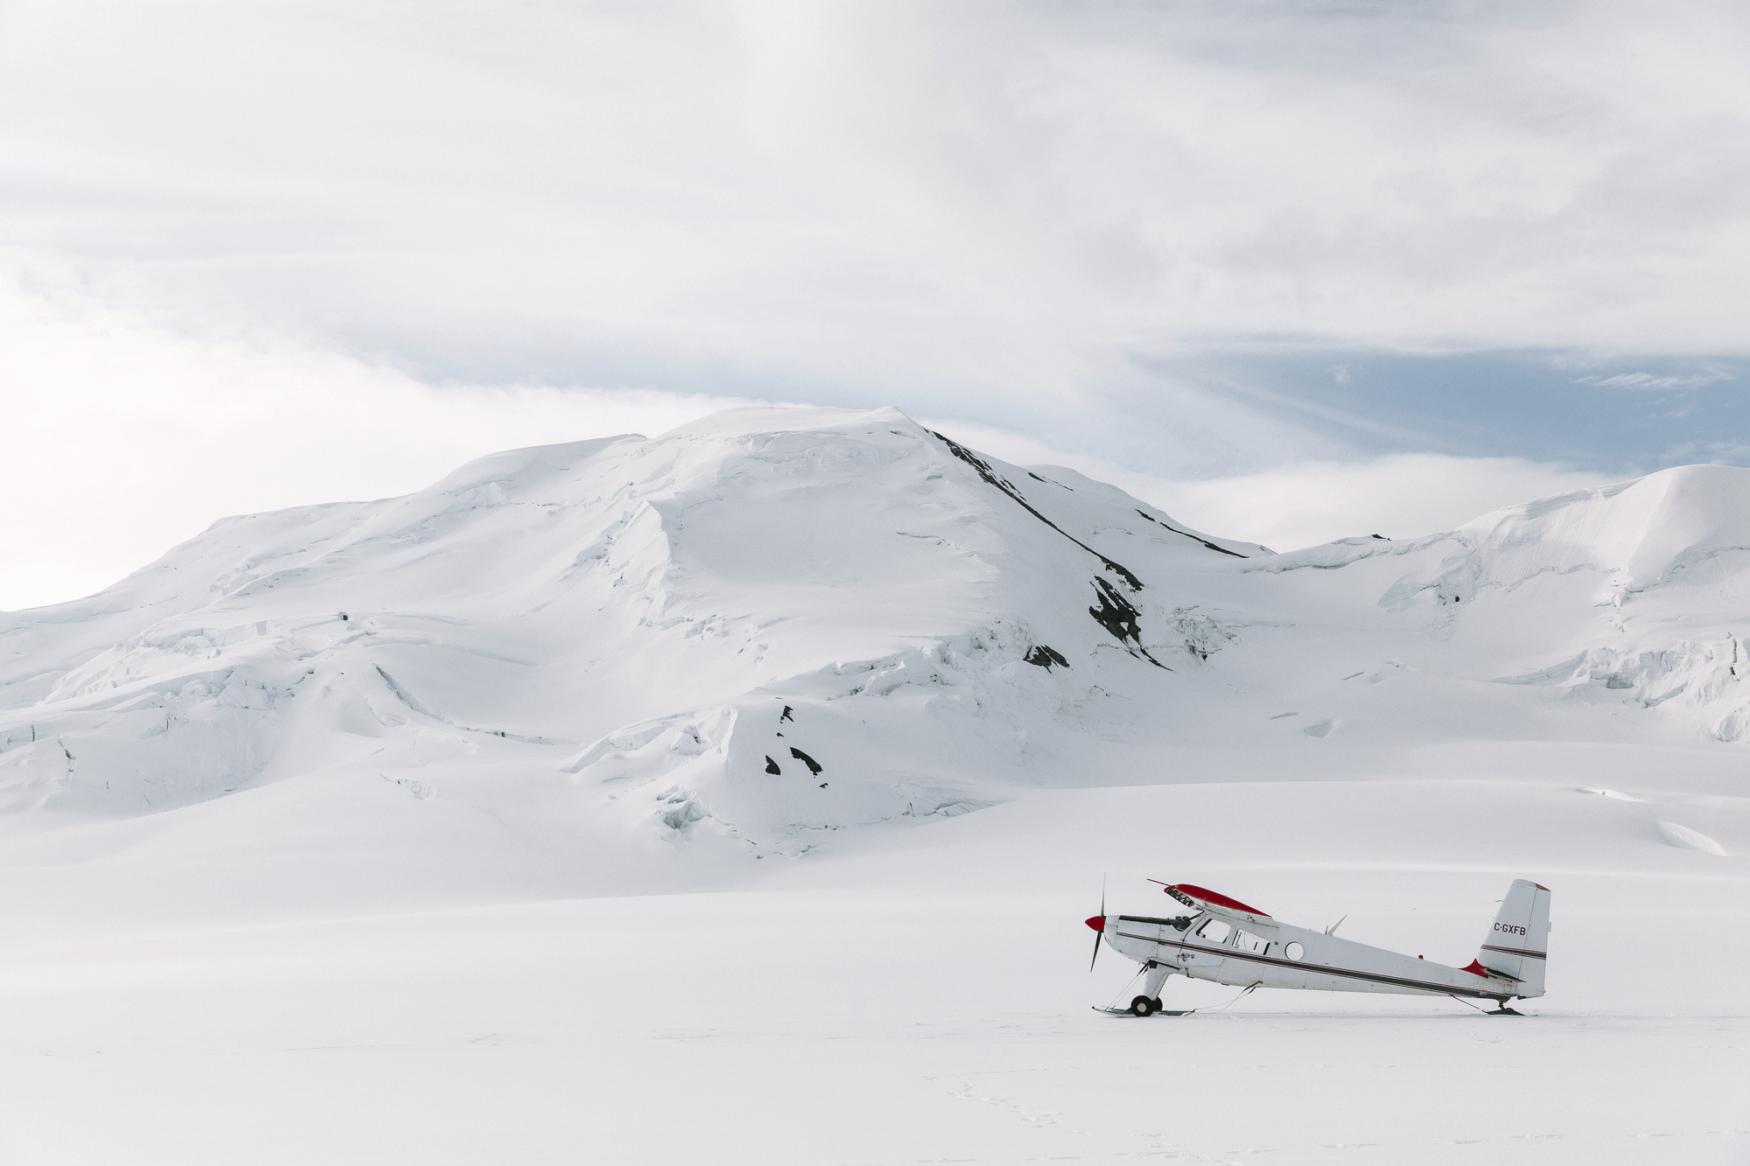 Luftflugzeug auf einem der größten Gletscher der Welt im Kluane Nationalpark in Yukon, Kanada.